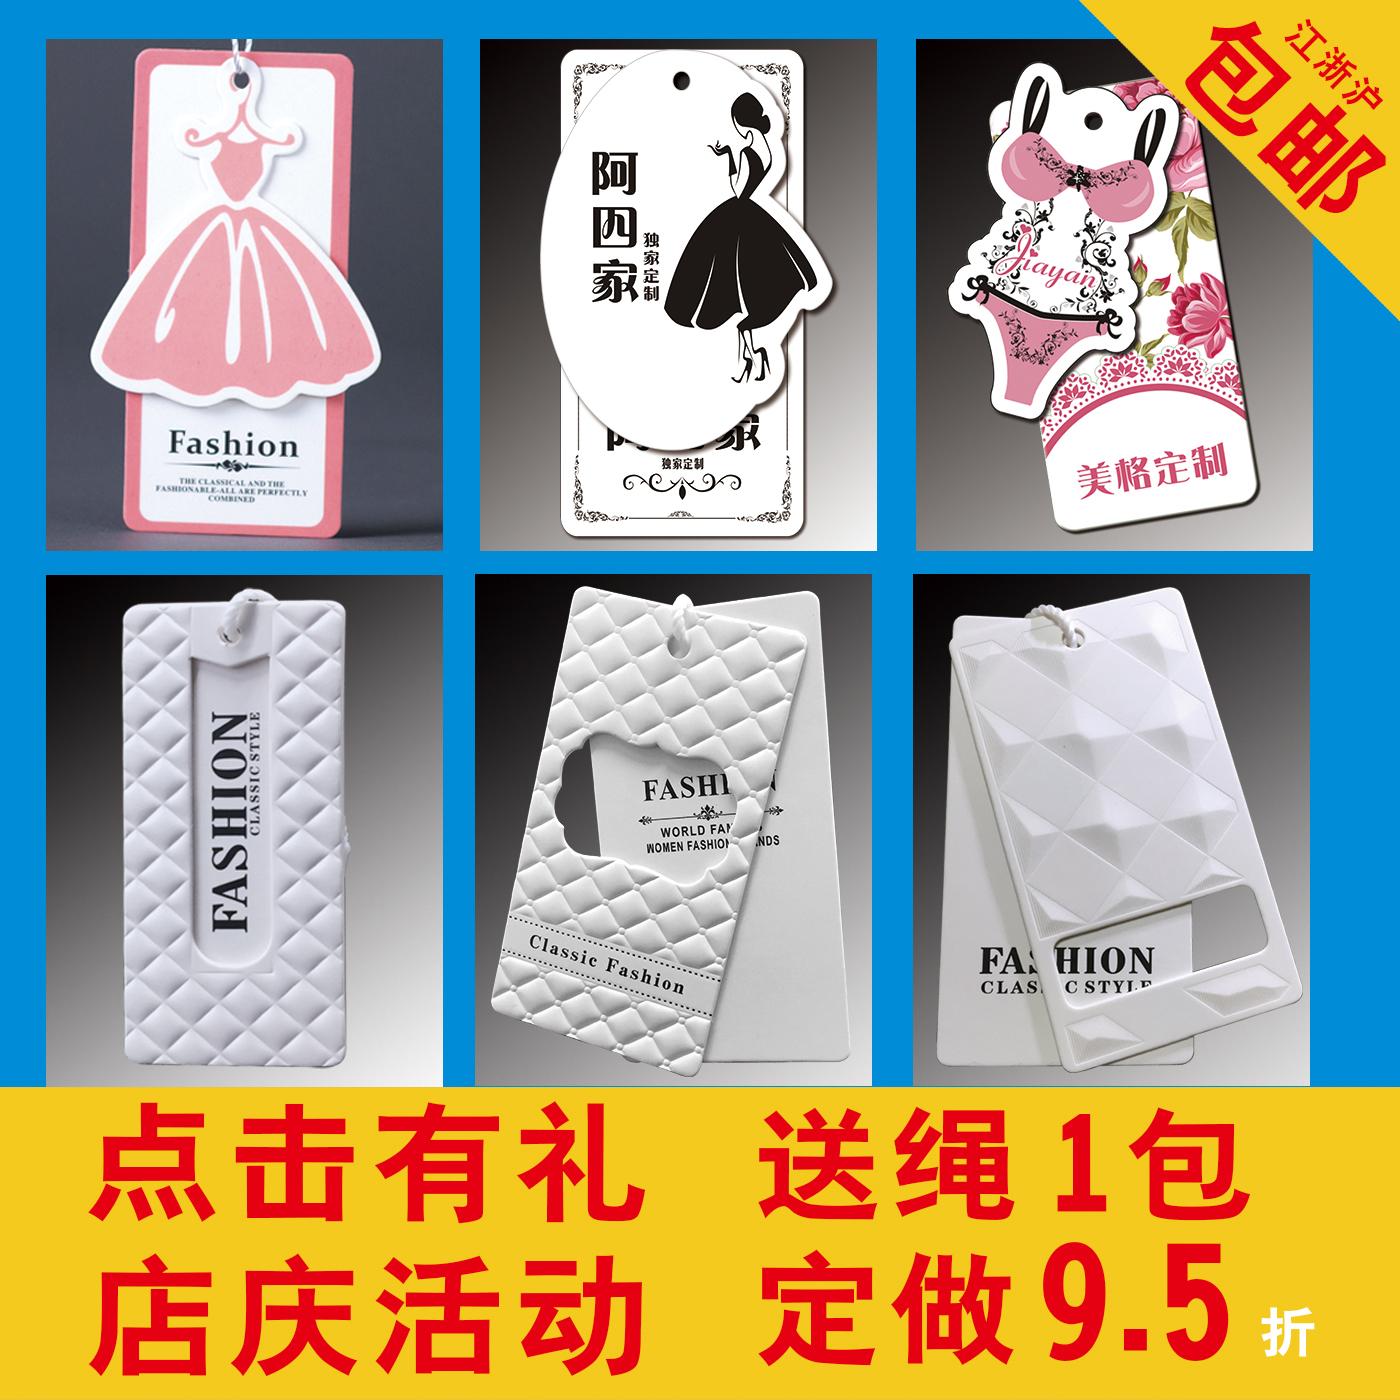 Тег стандарт сделанный на заказ logo женщины одежда одежда ребятишки этикетка тег сейчас в надичии товарный знак список марка тег